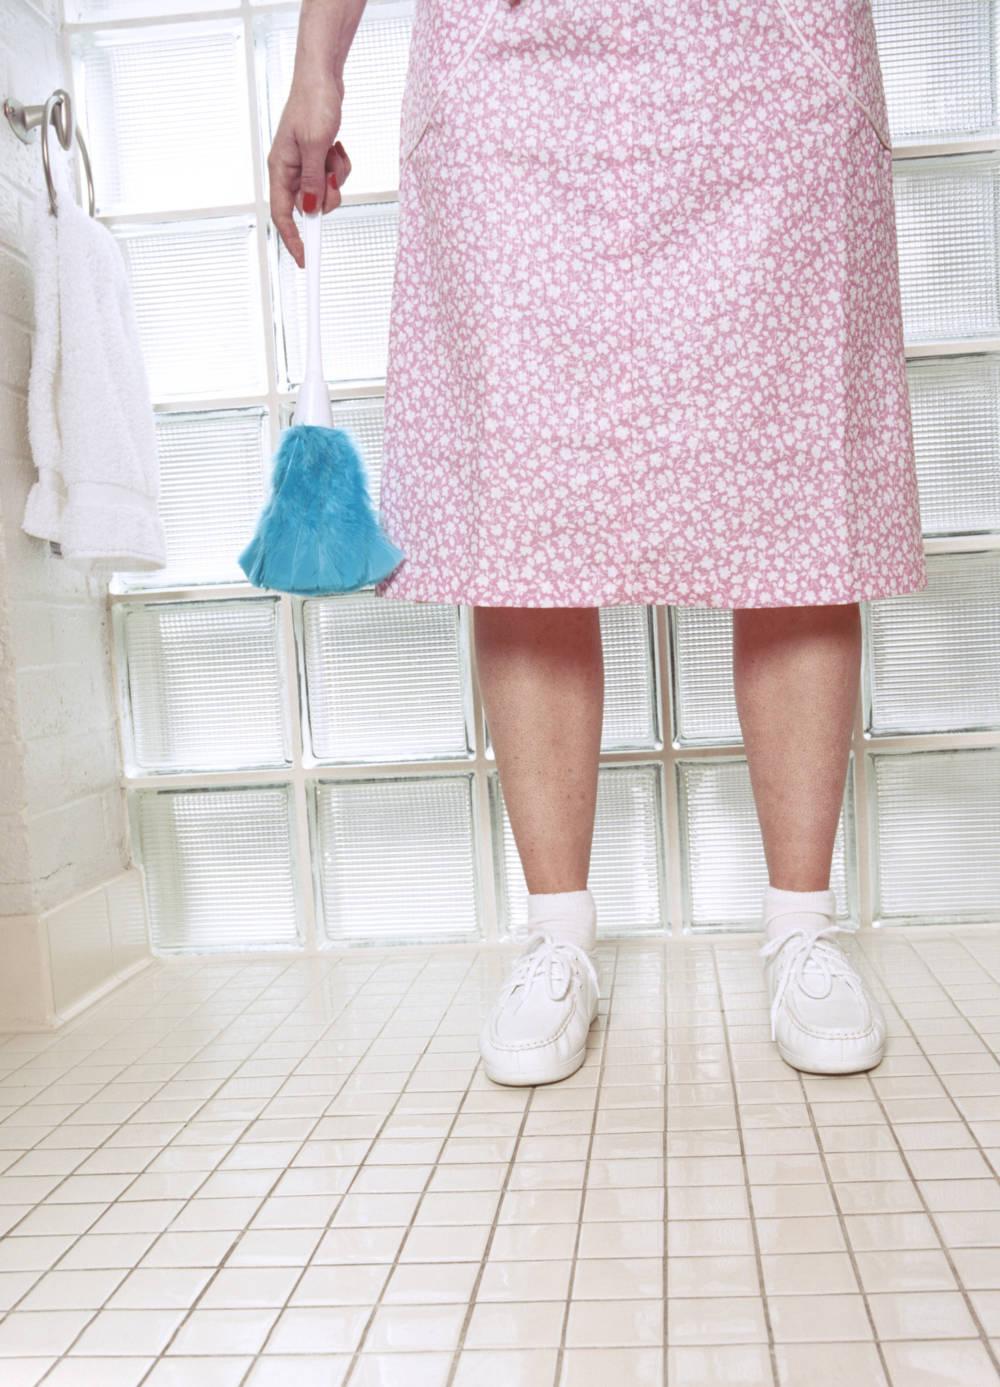 Putzfrau, Reinigungskraft, Beine